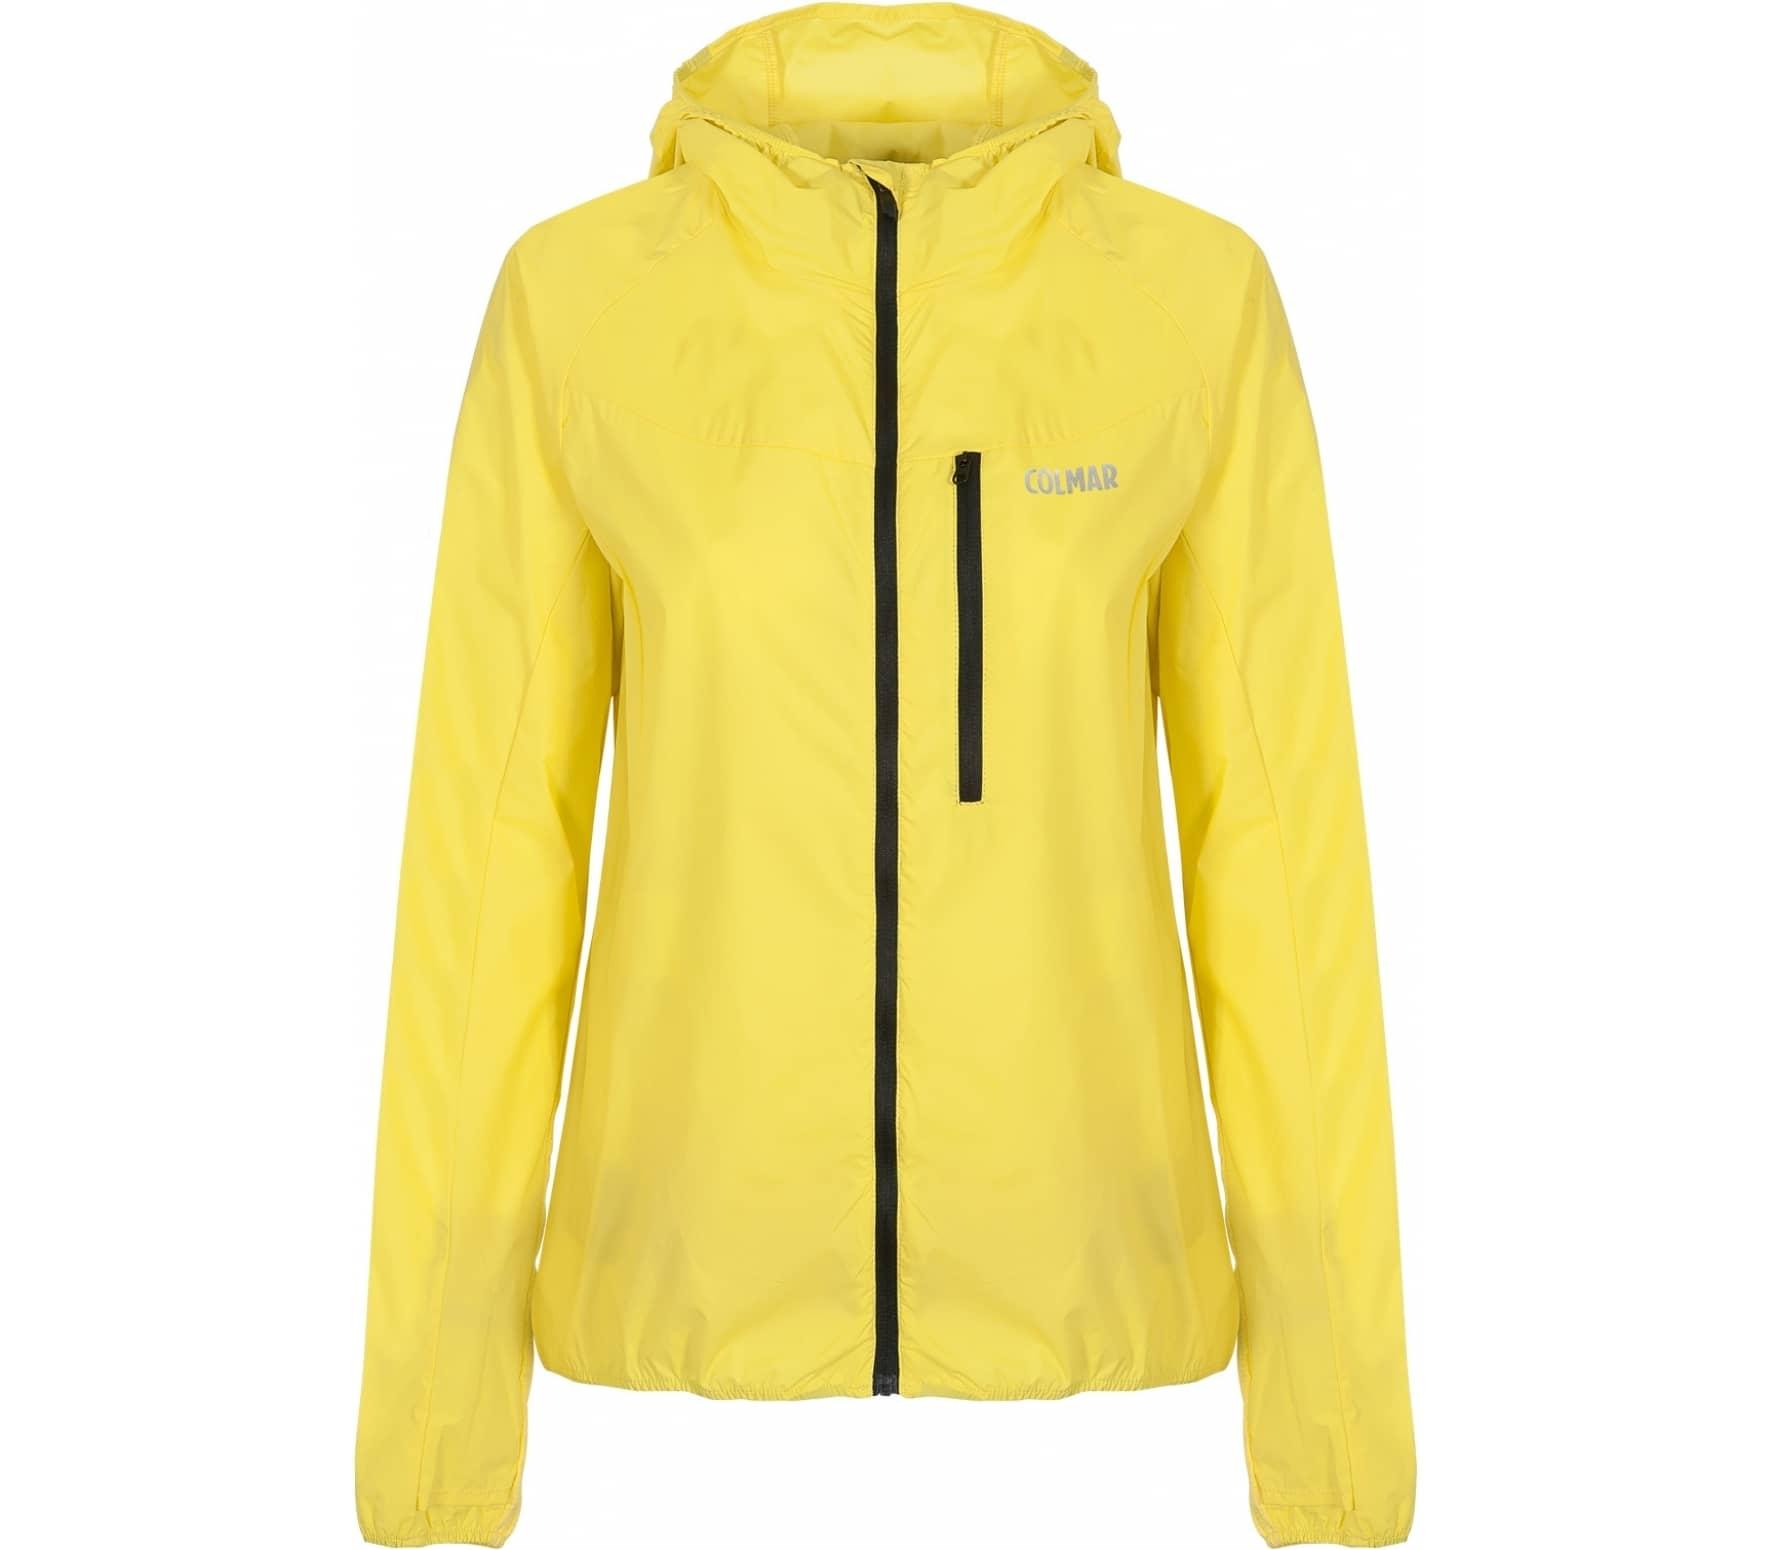 Colmar - Rockwind women's outdoor jacket (neon yellow)